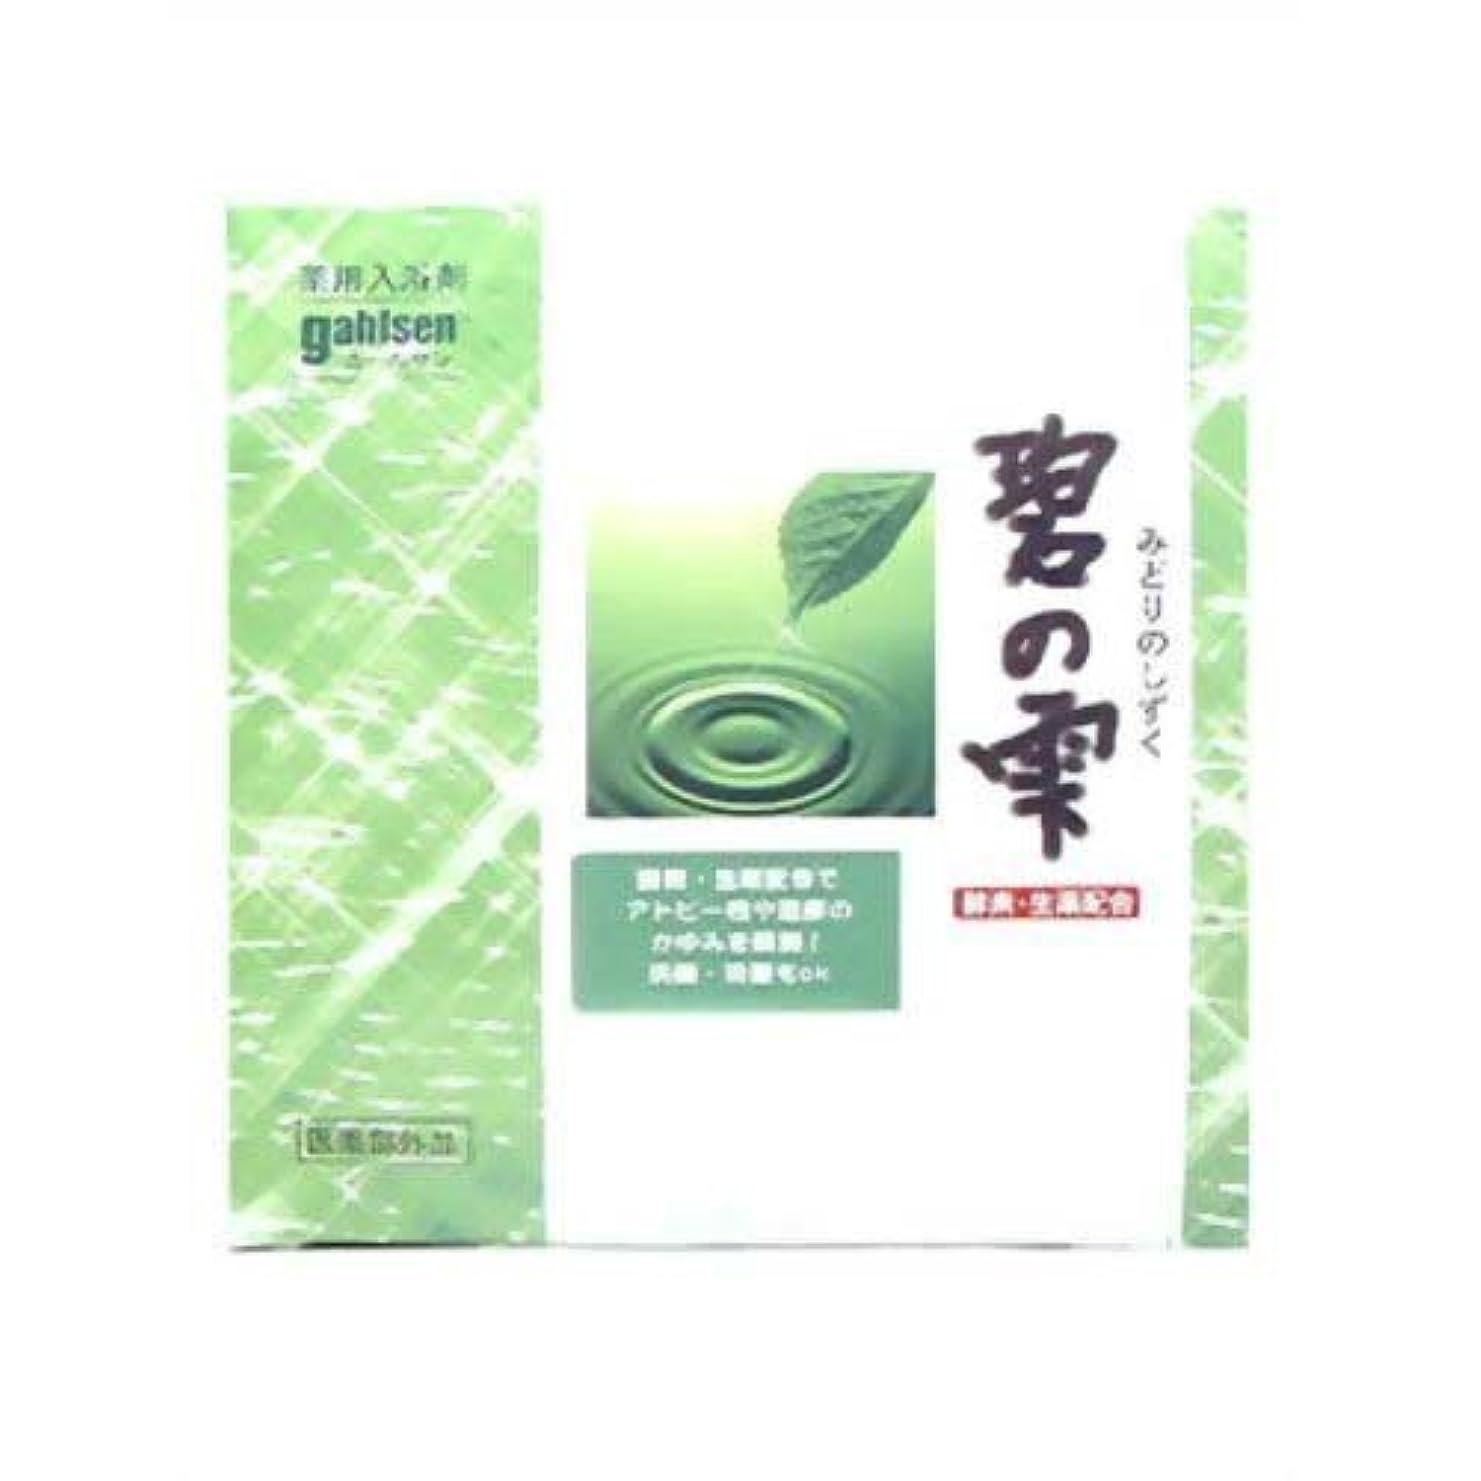 ミネラルアンケートクラウド東海美商 酵素入浴剤ガールセン「碧の雫」 20g×48包